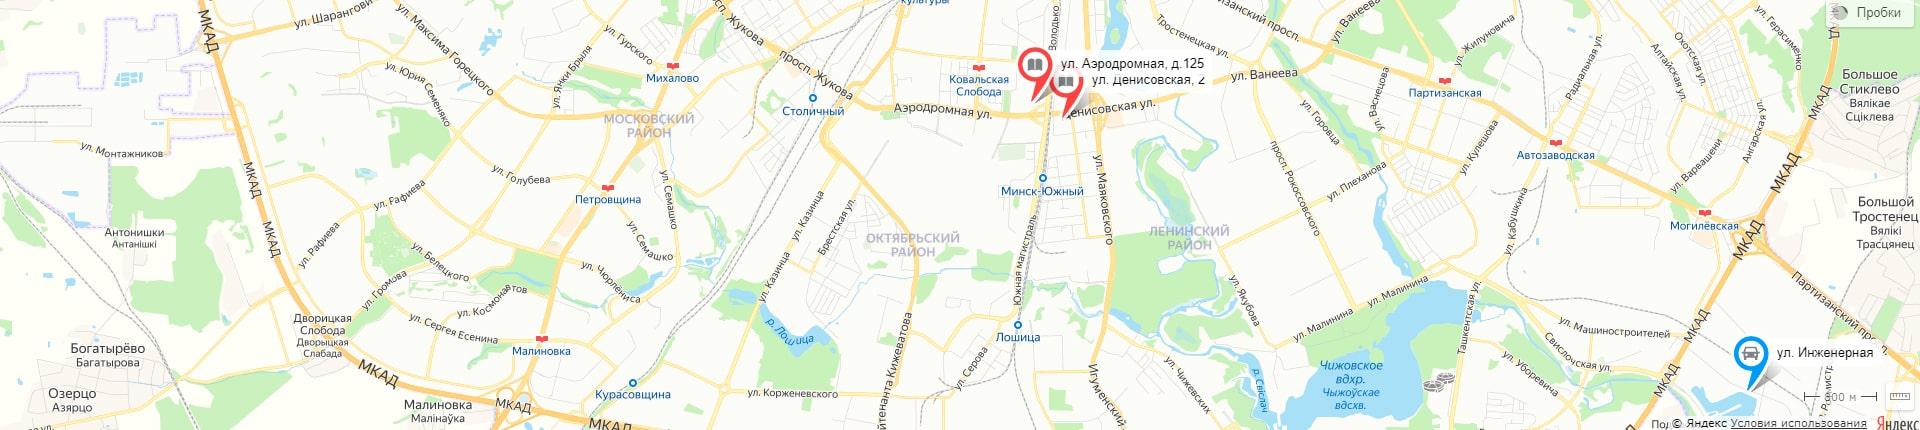 Город Дорог на карте Минска